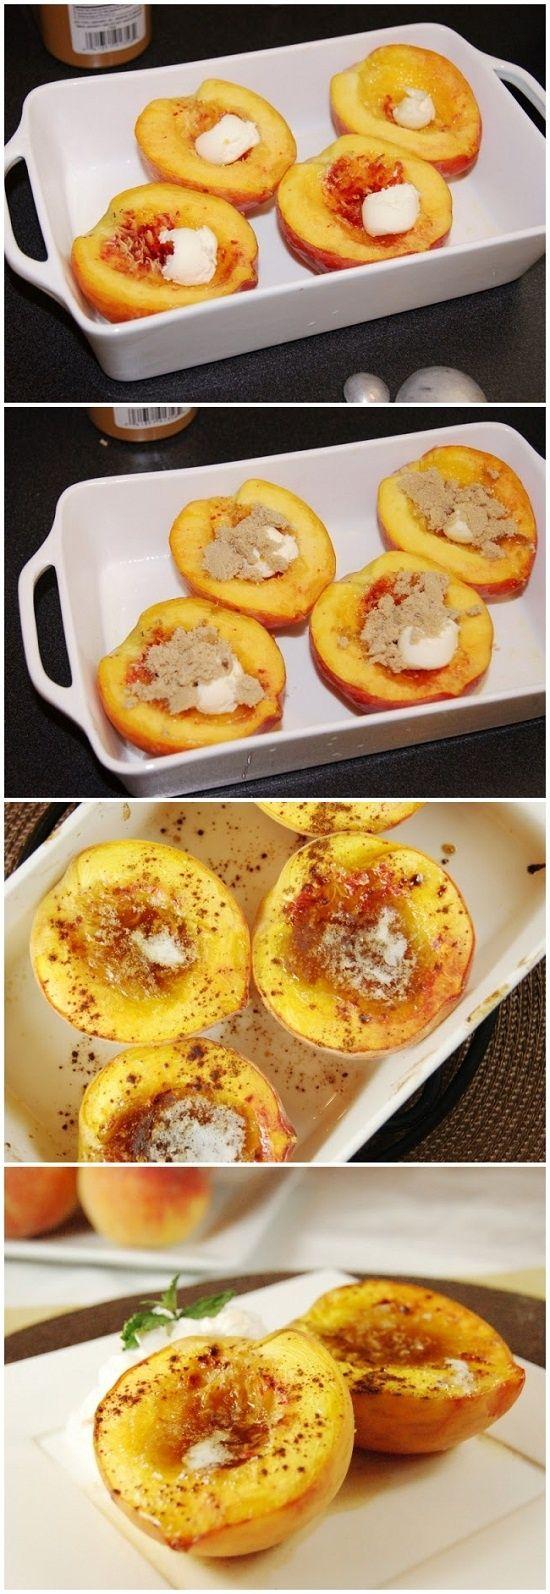 Brown Sugar Baked Peaches.